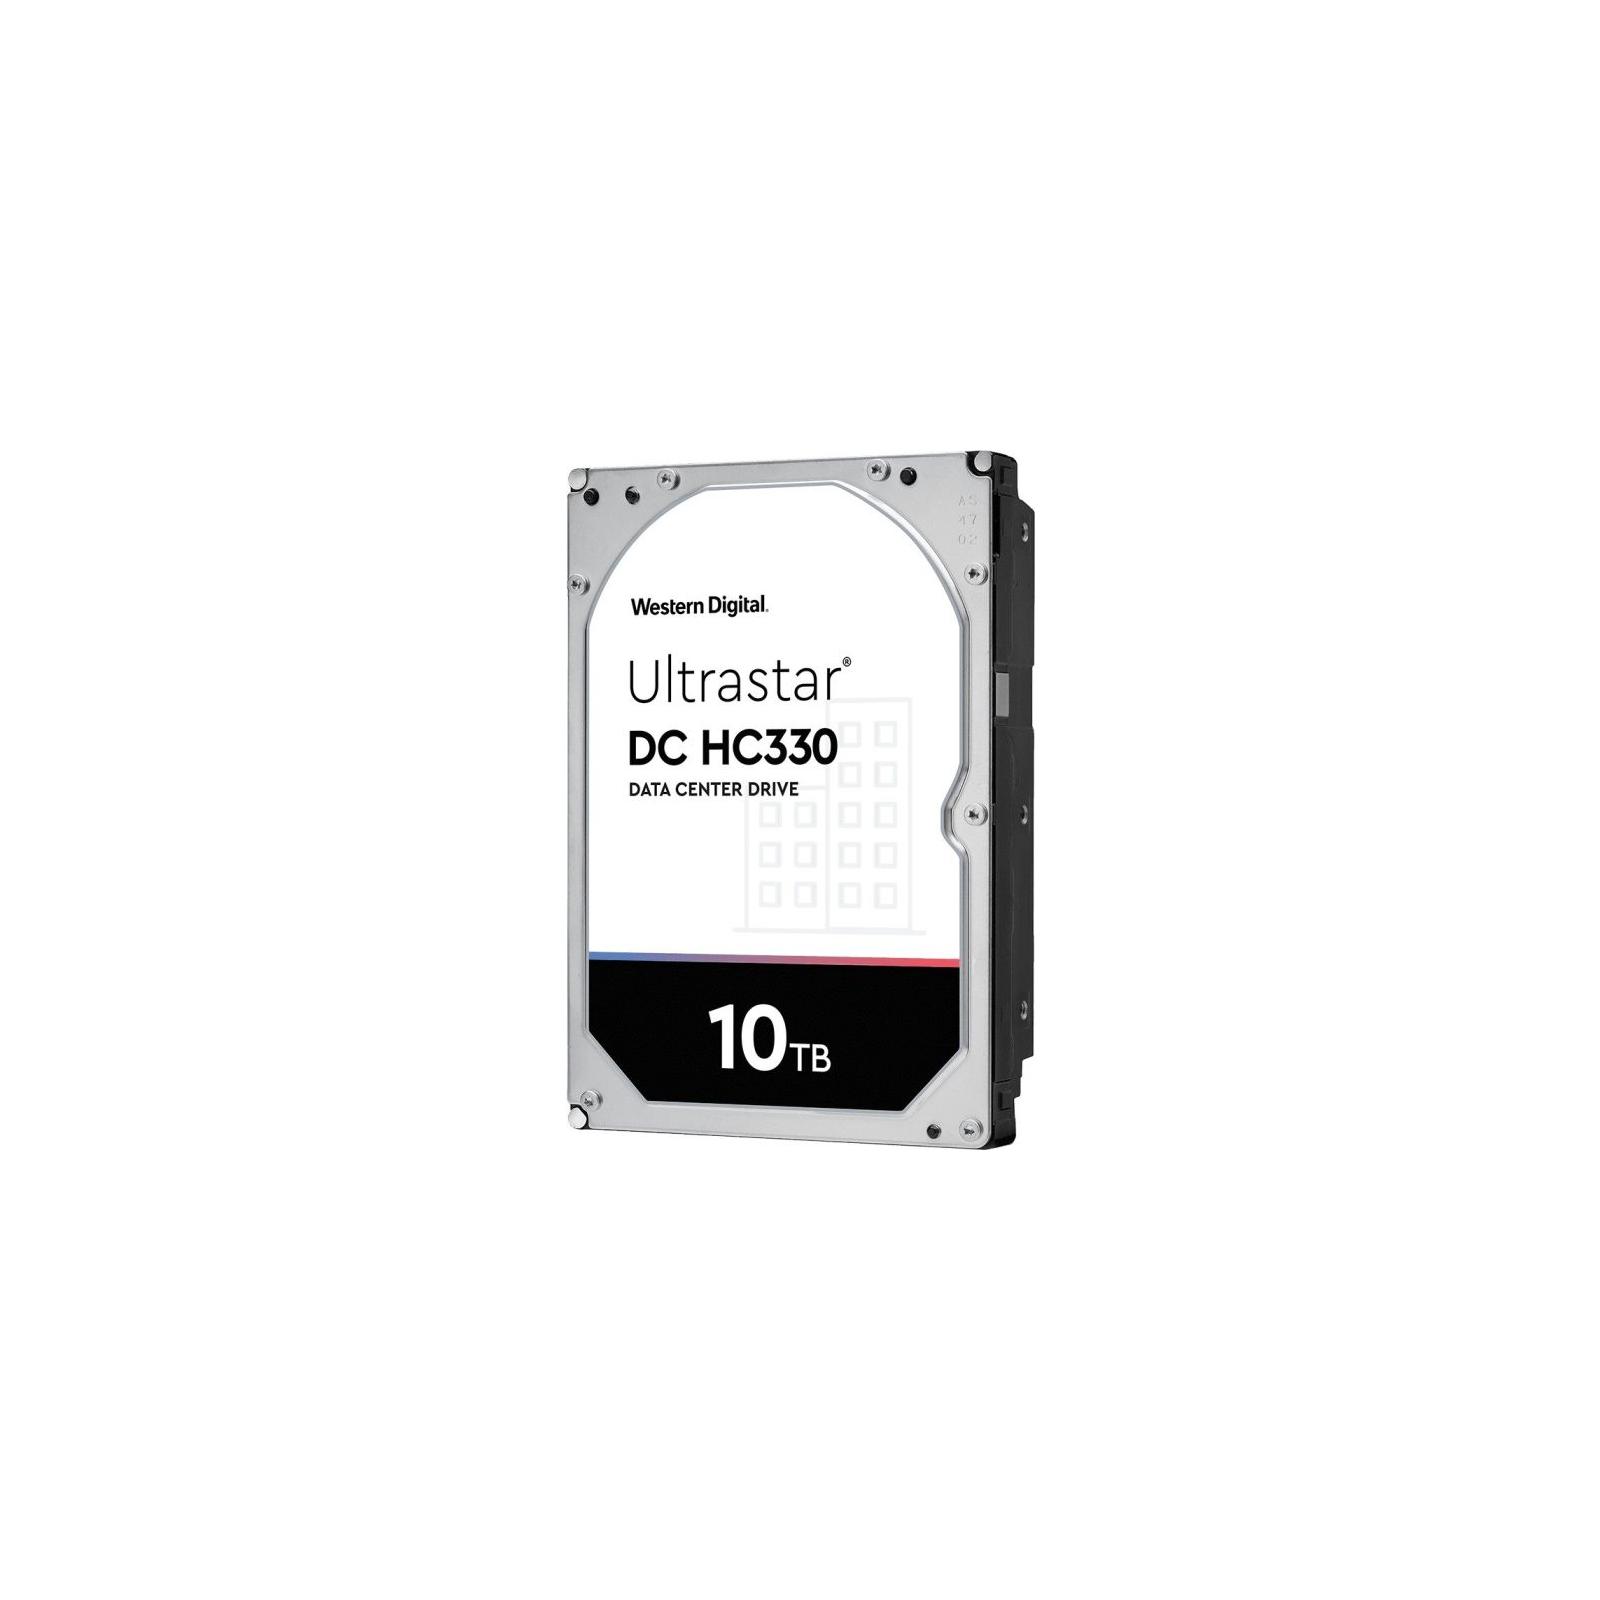 """Жесткий диск для сервера 3.5"""" 10TB WD (0B42258 / WUS721010AL5204) изображение 2"""